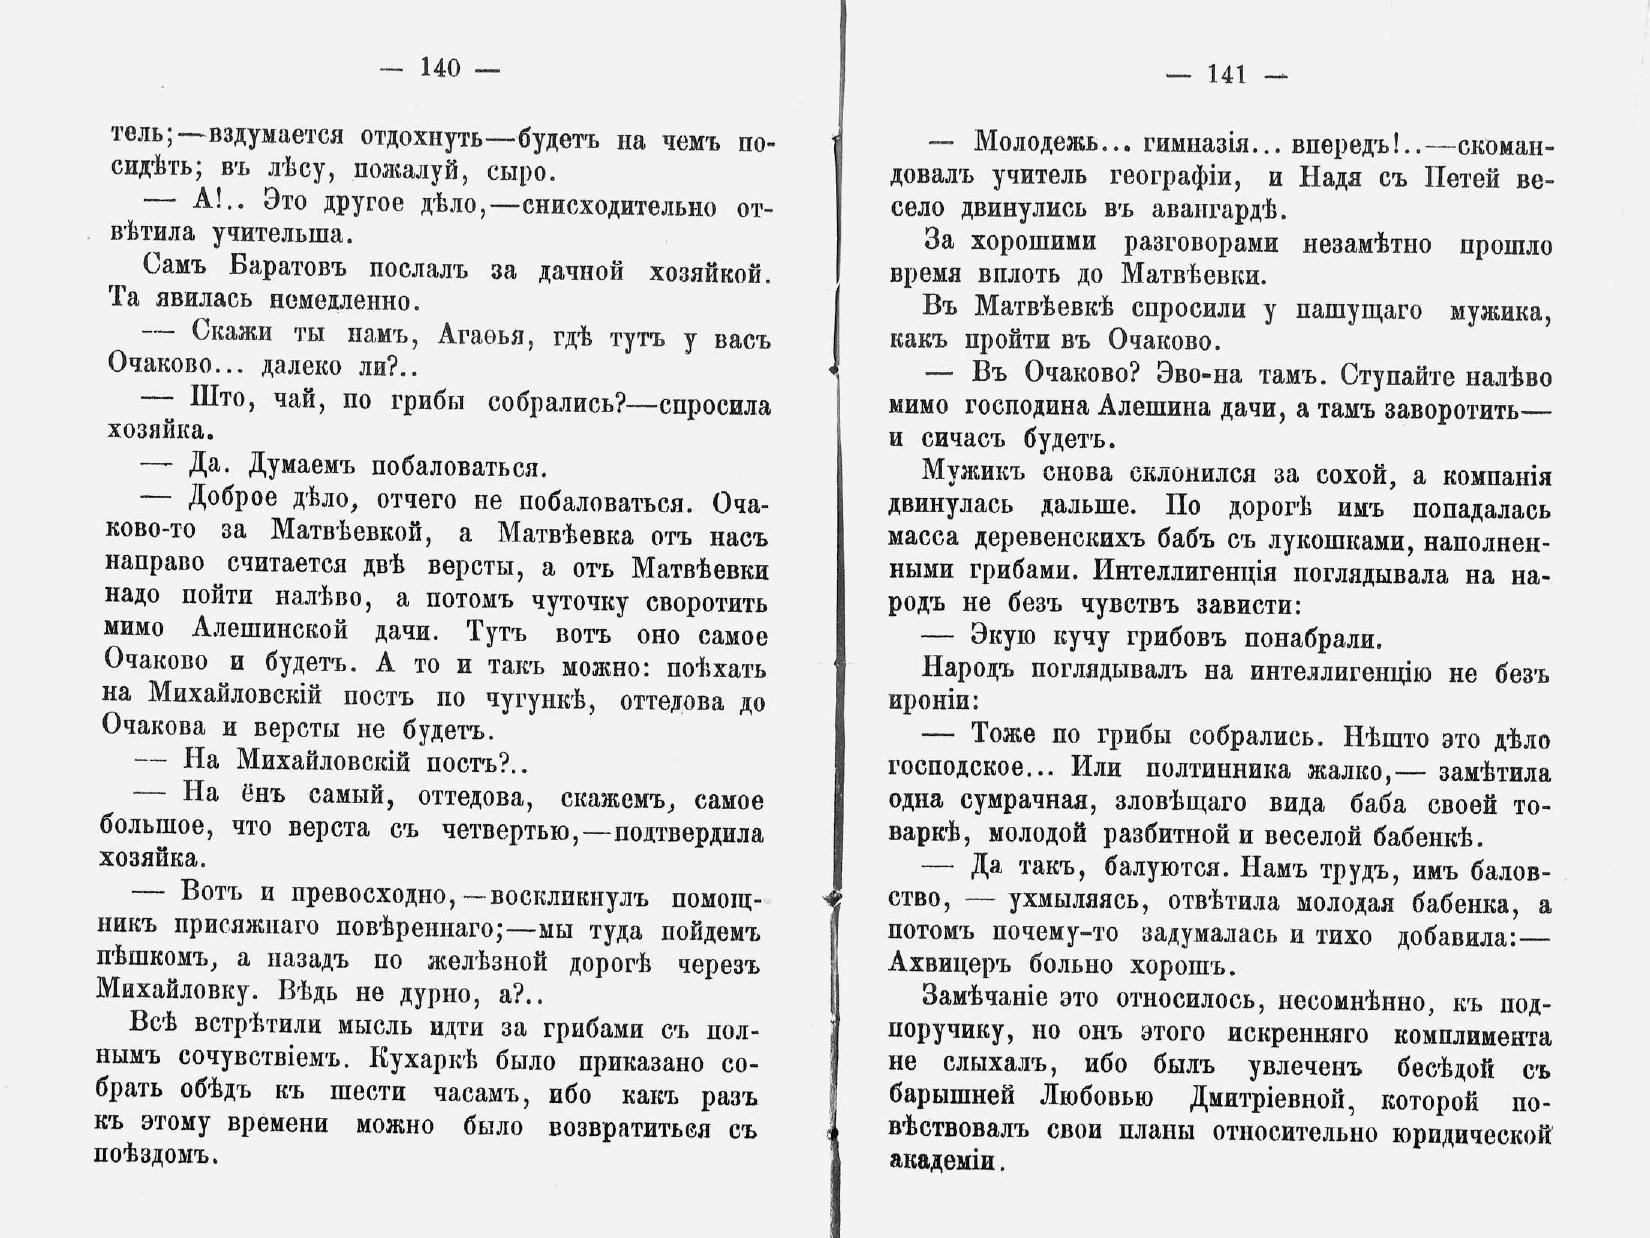 Медведев, Лев Михайлович (1865-1904). Из тины житейской. Сб. рассказов. М., 1905